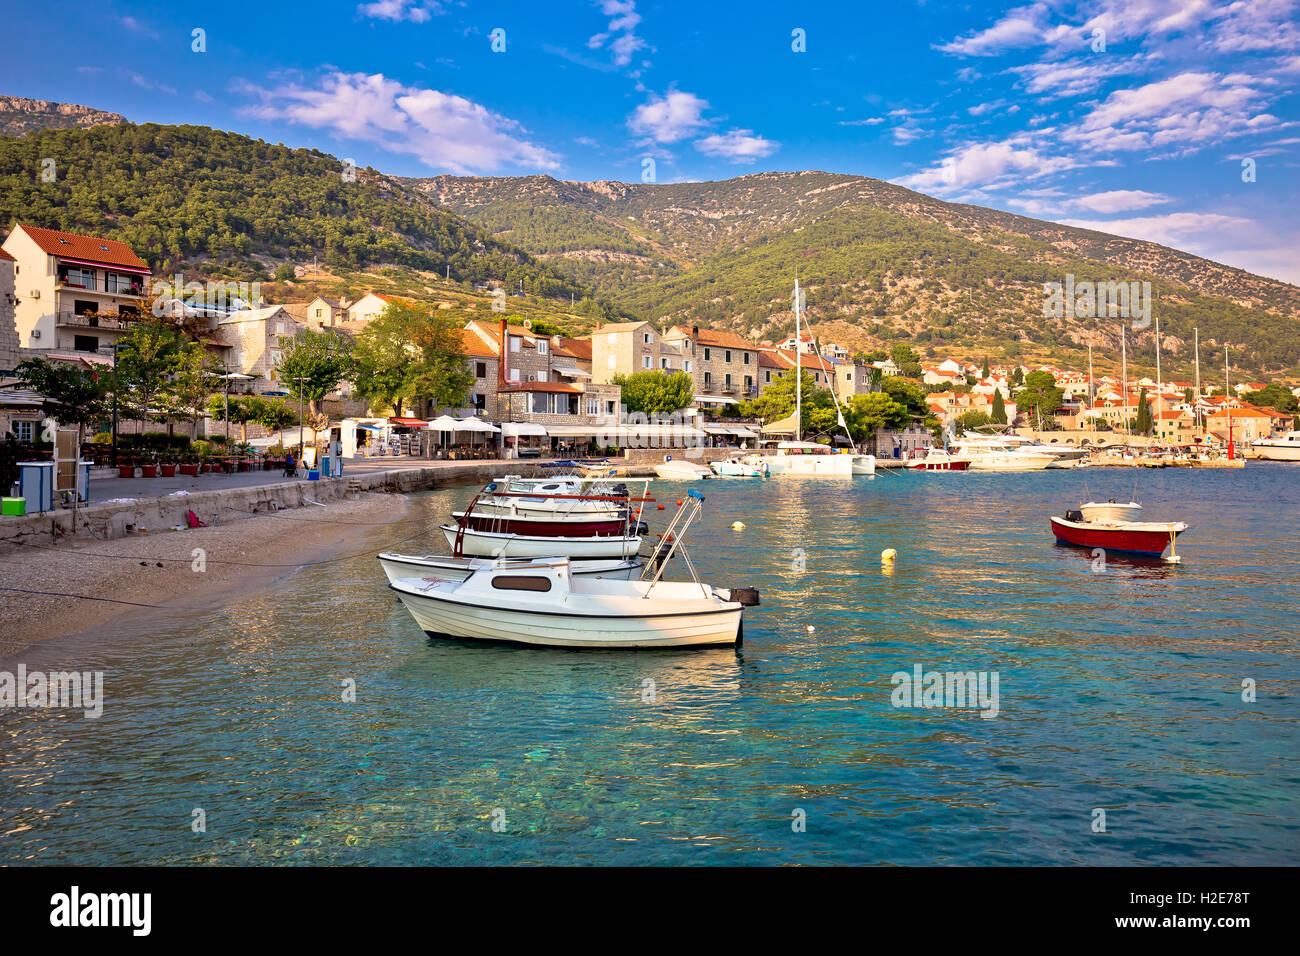 Ville de bol, vue front de mer, l'île de Brac, Dalmatie, Croatie Photo Stock